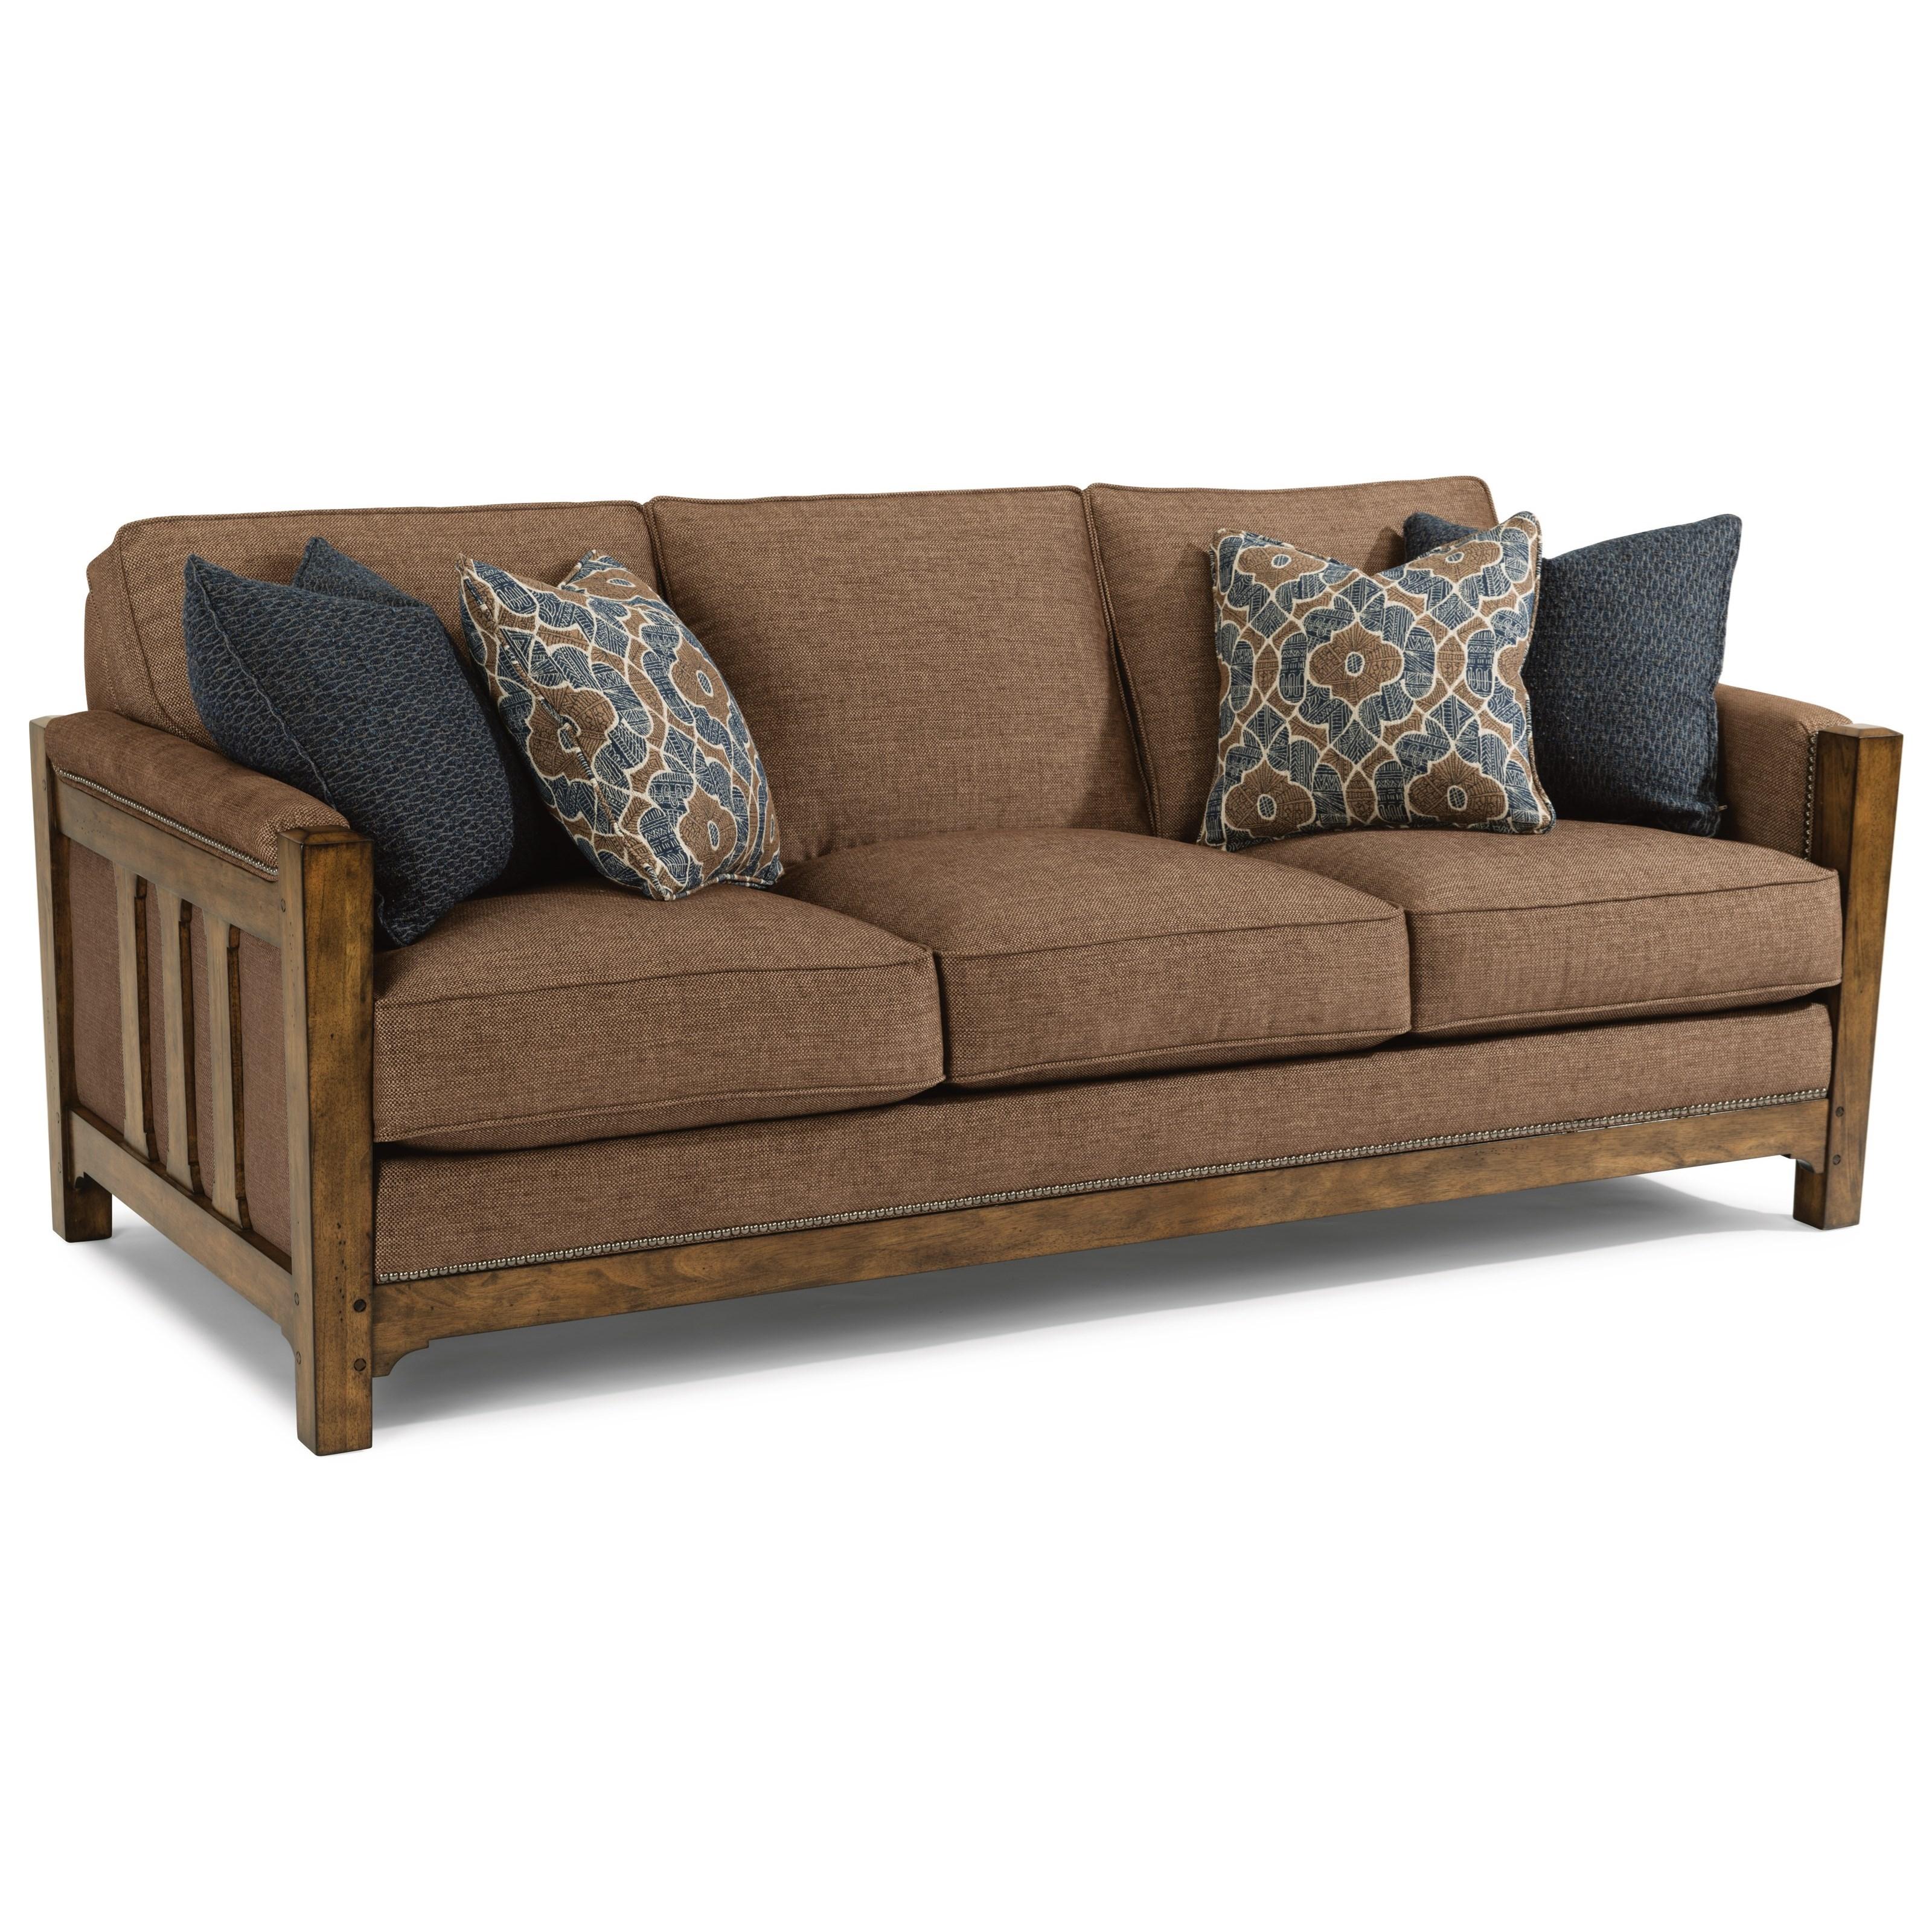 Flexsteel Furniture Telephone Number: Flexsteel Sonora Mission Sofa With Nailhead Trim